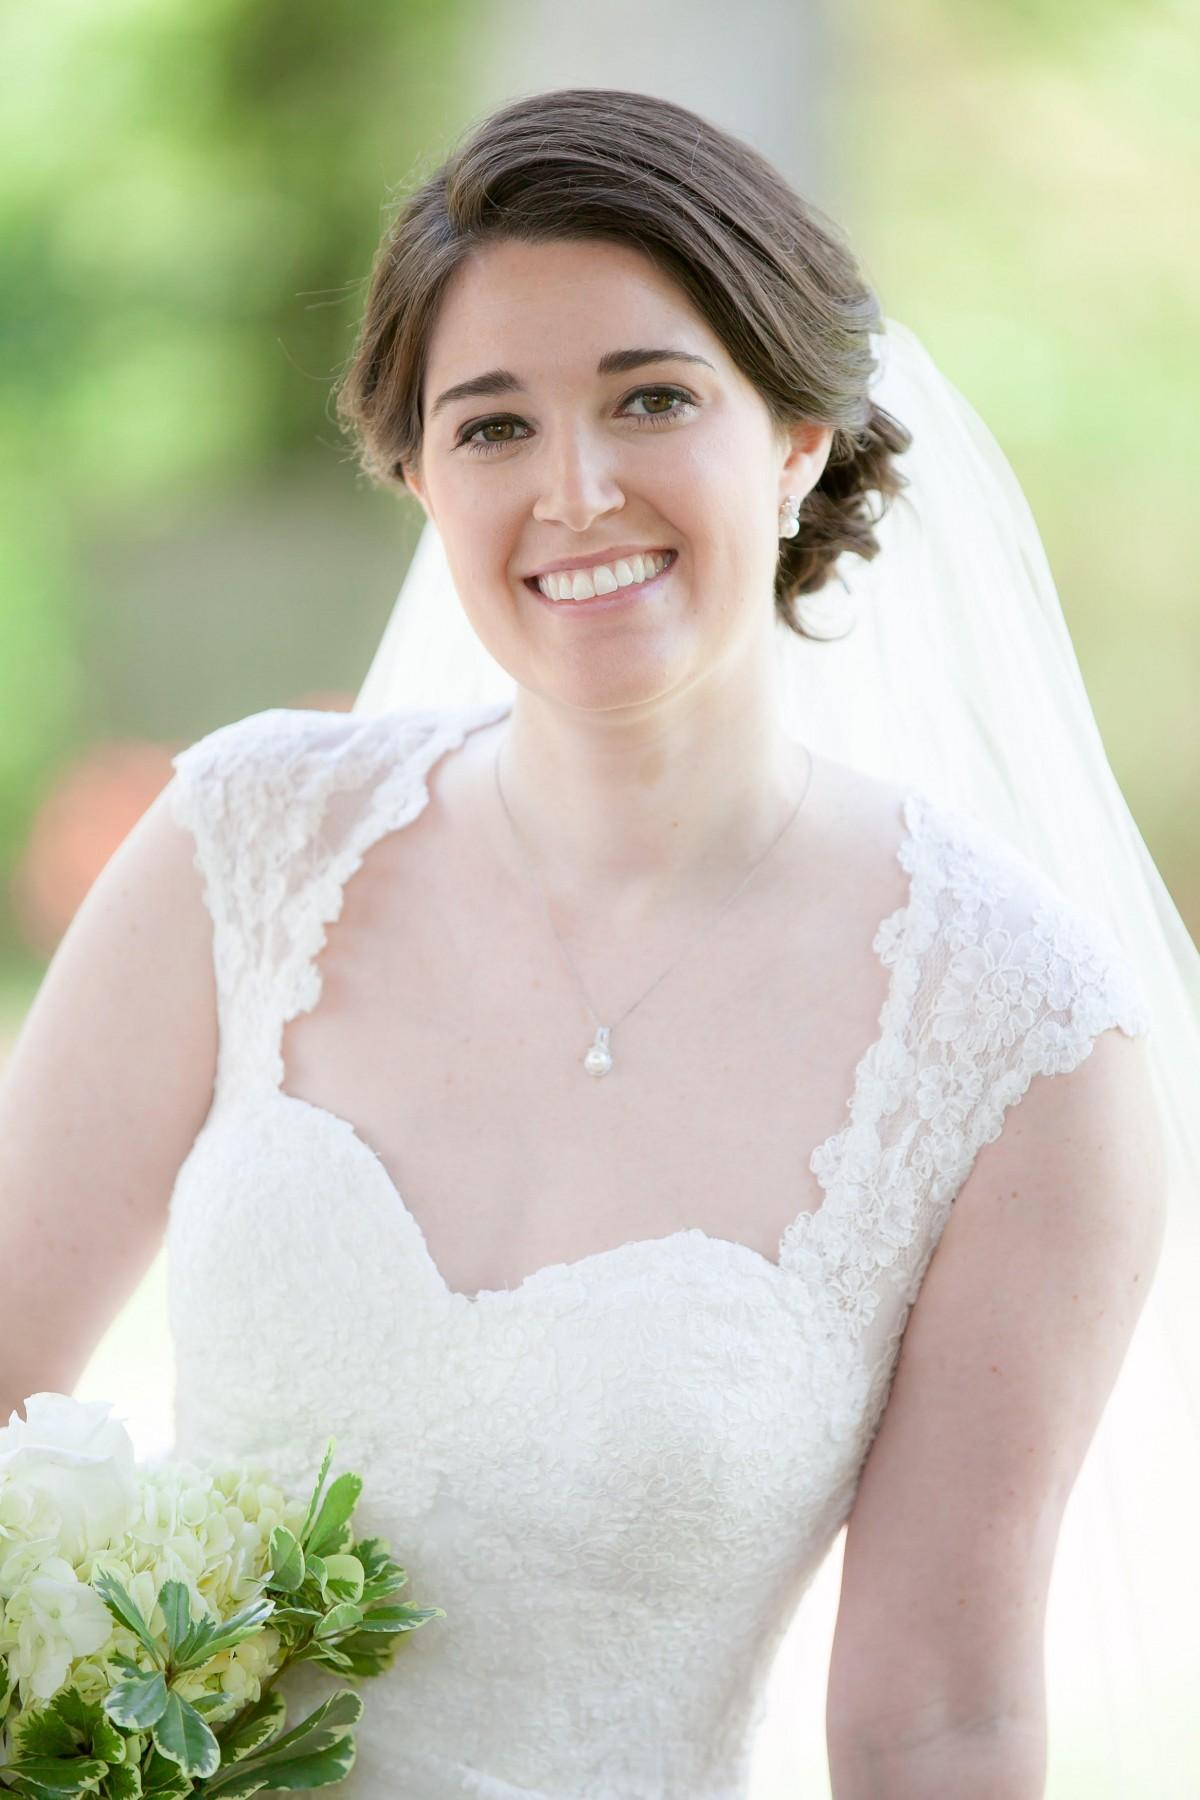 Bridal Portrait - Kate